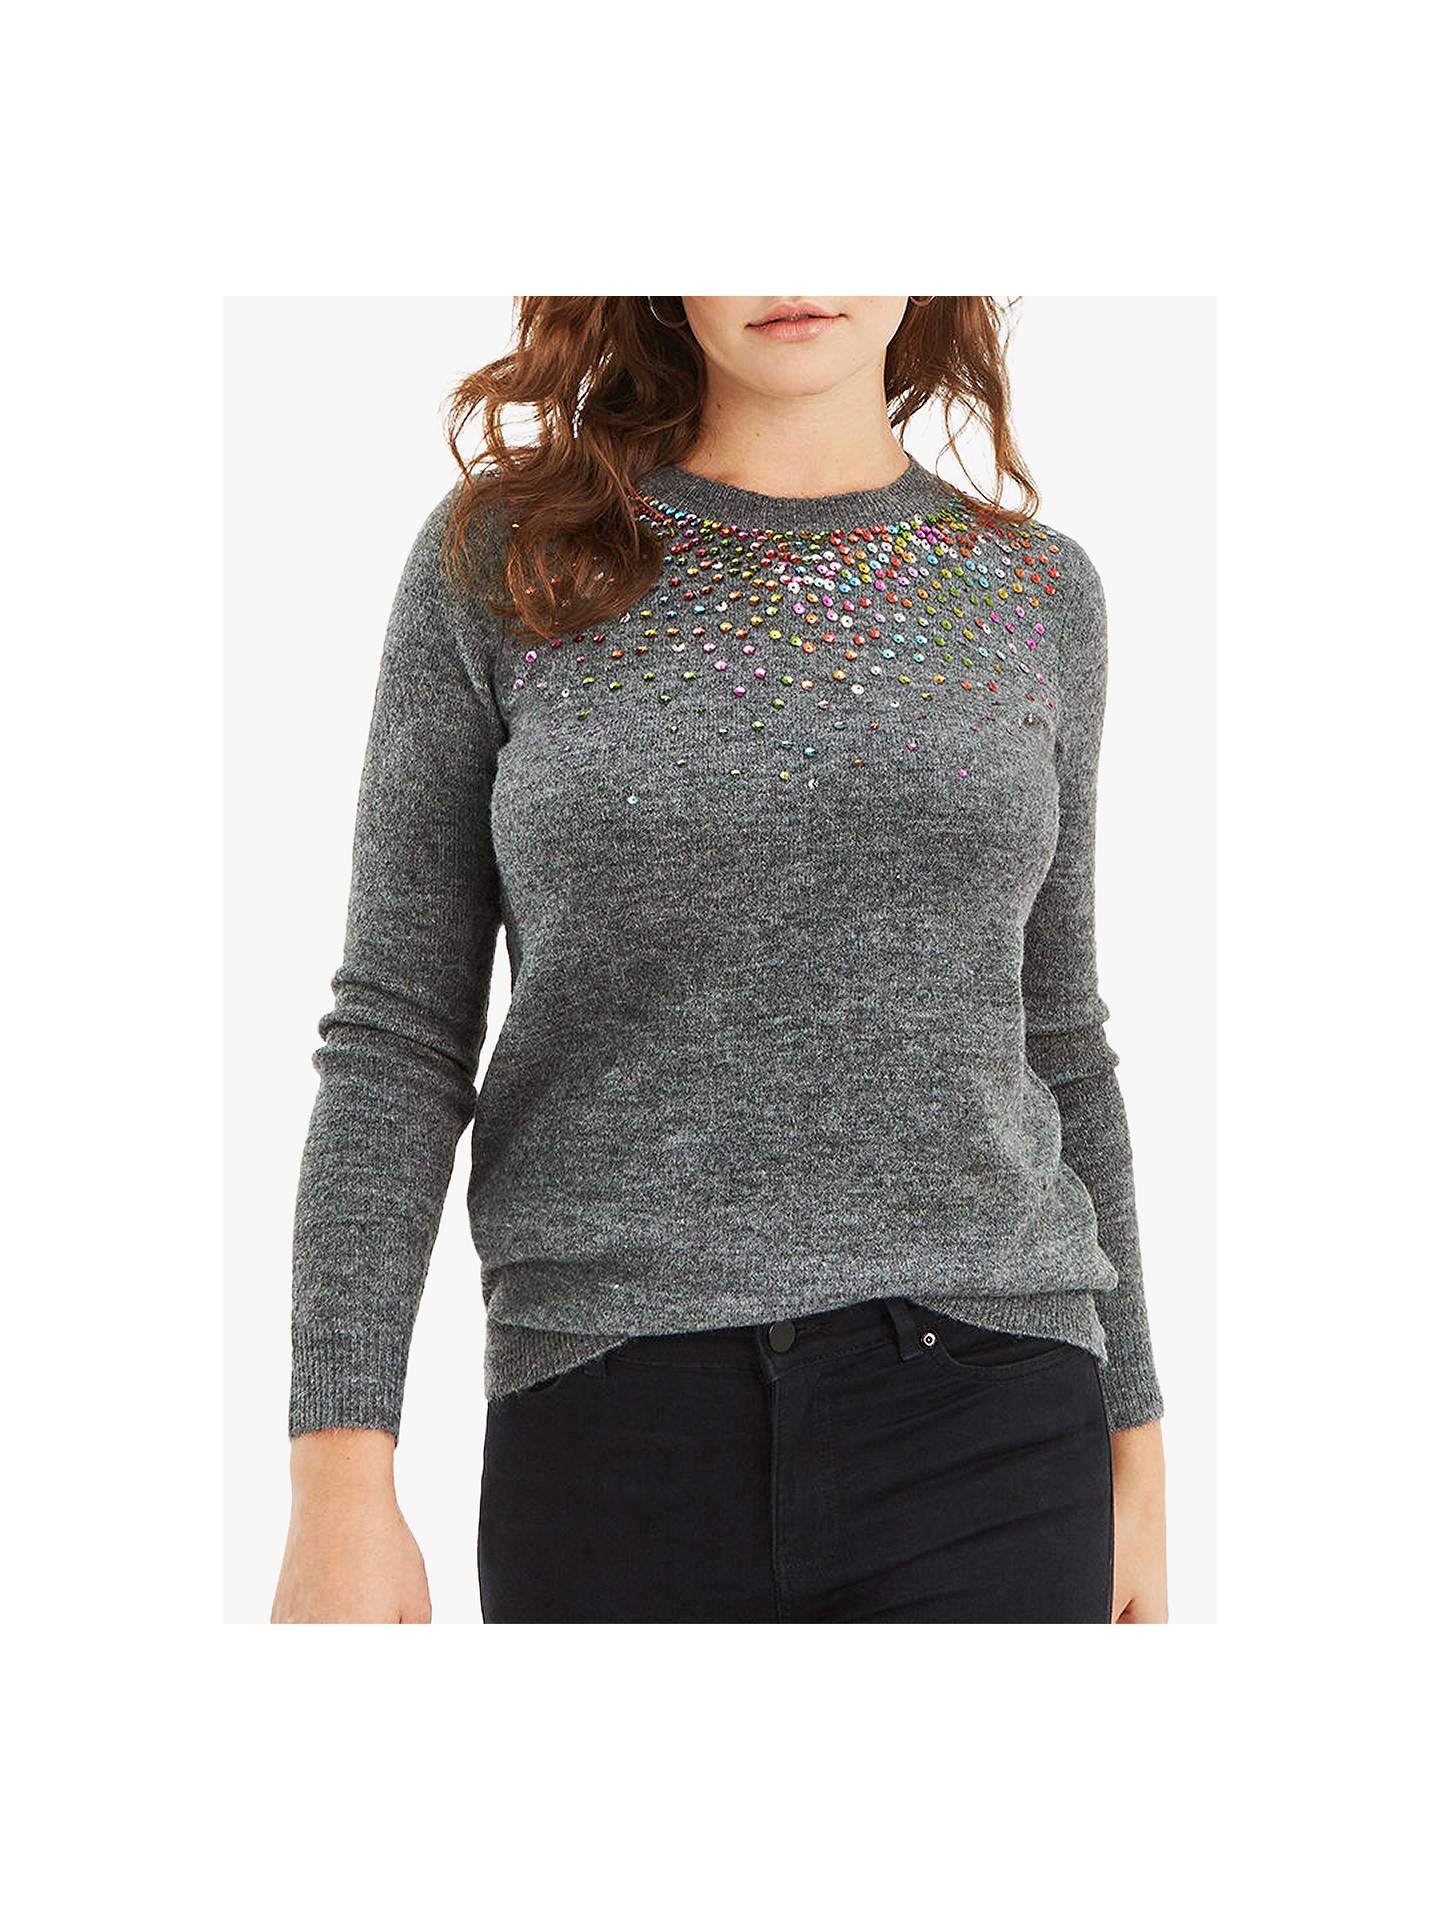 4d1a1bd28072 Buy Oasis Adeline Jumper, Grey, S Online at johnlewis.com ...